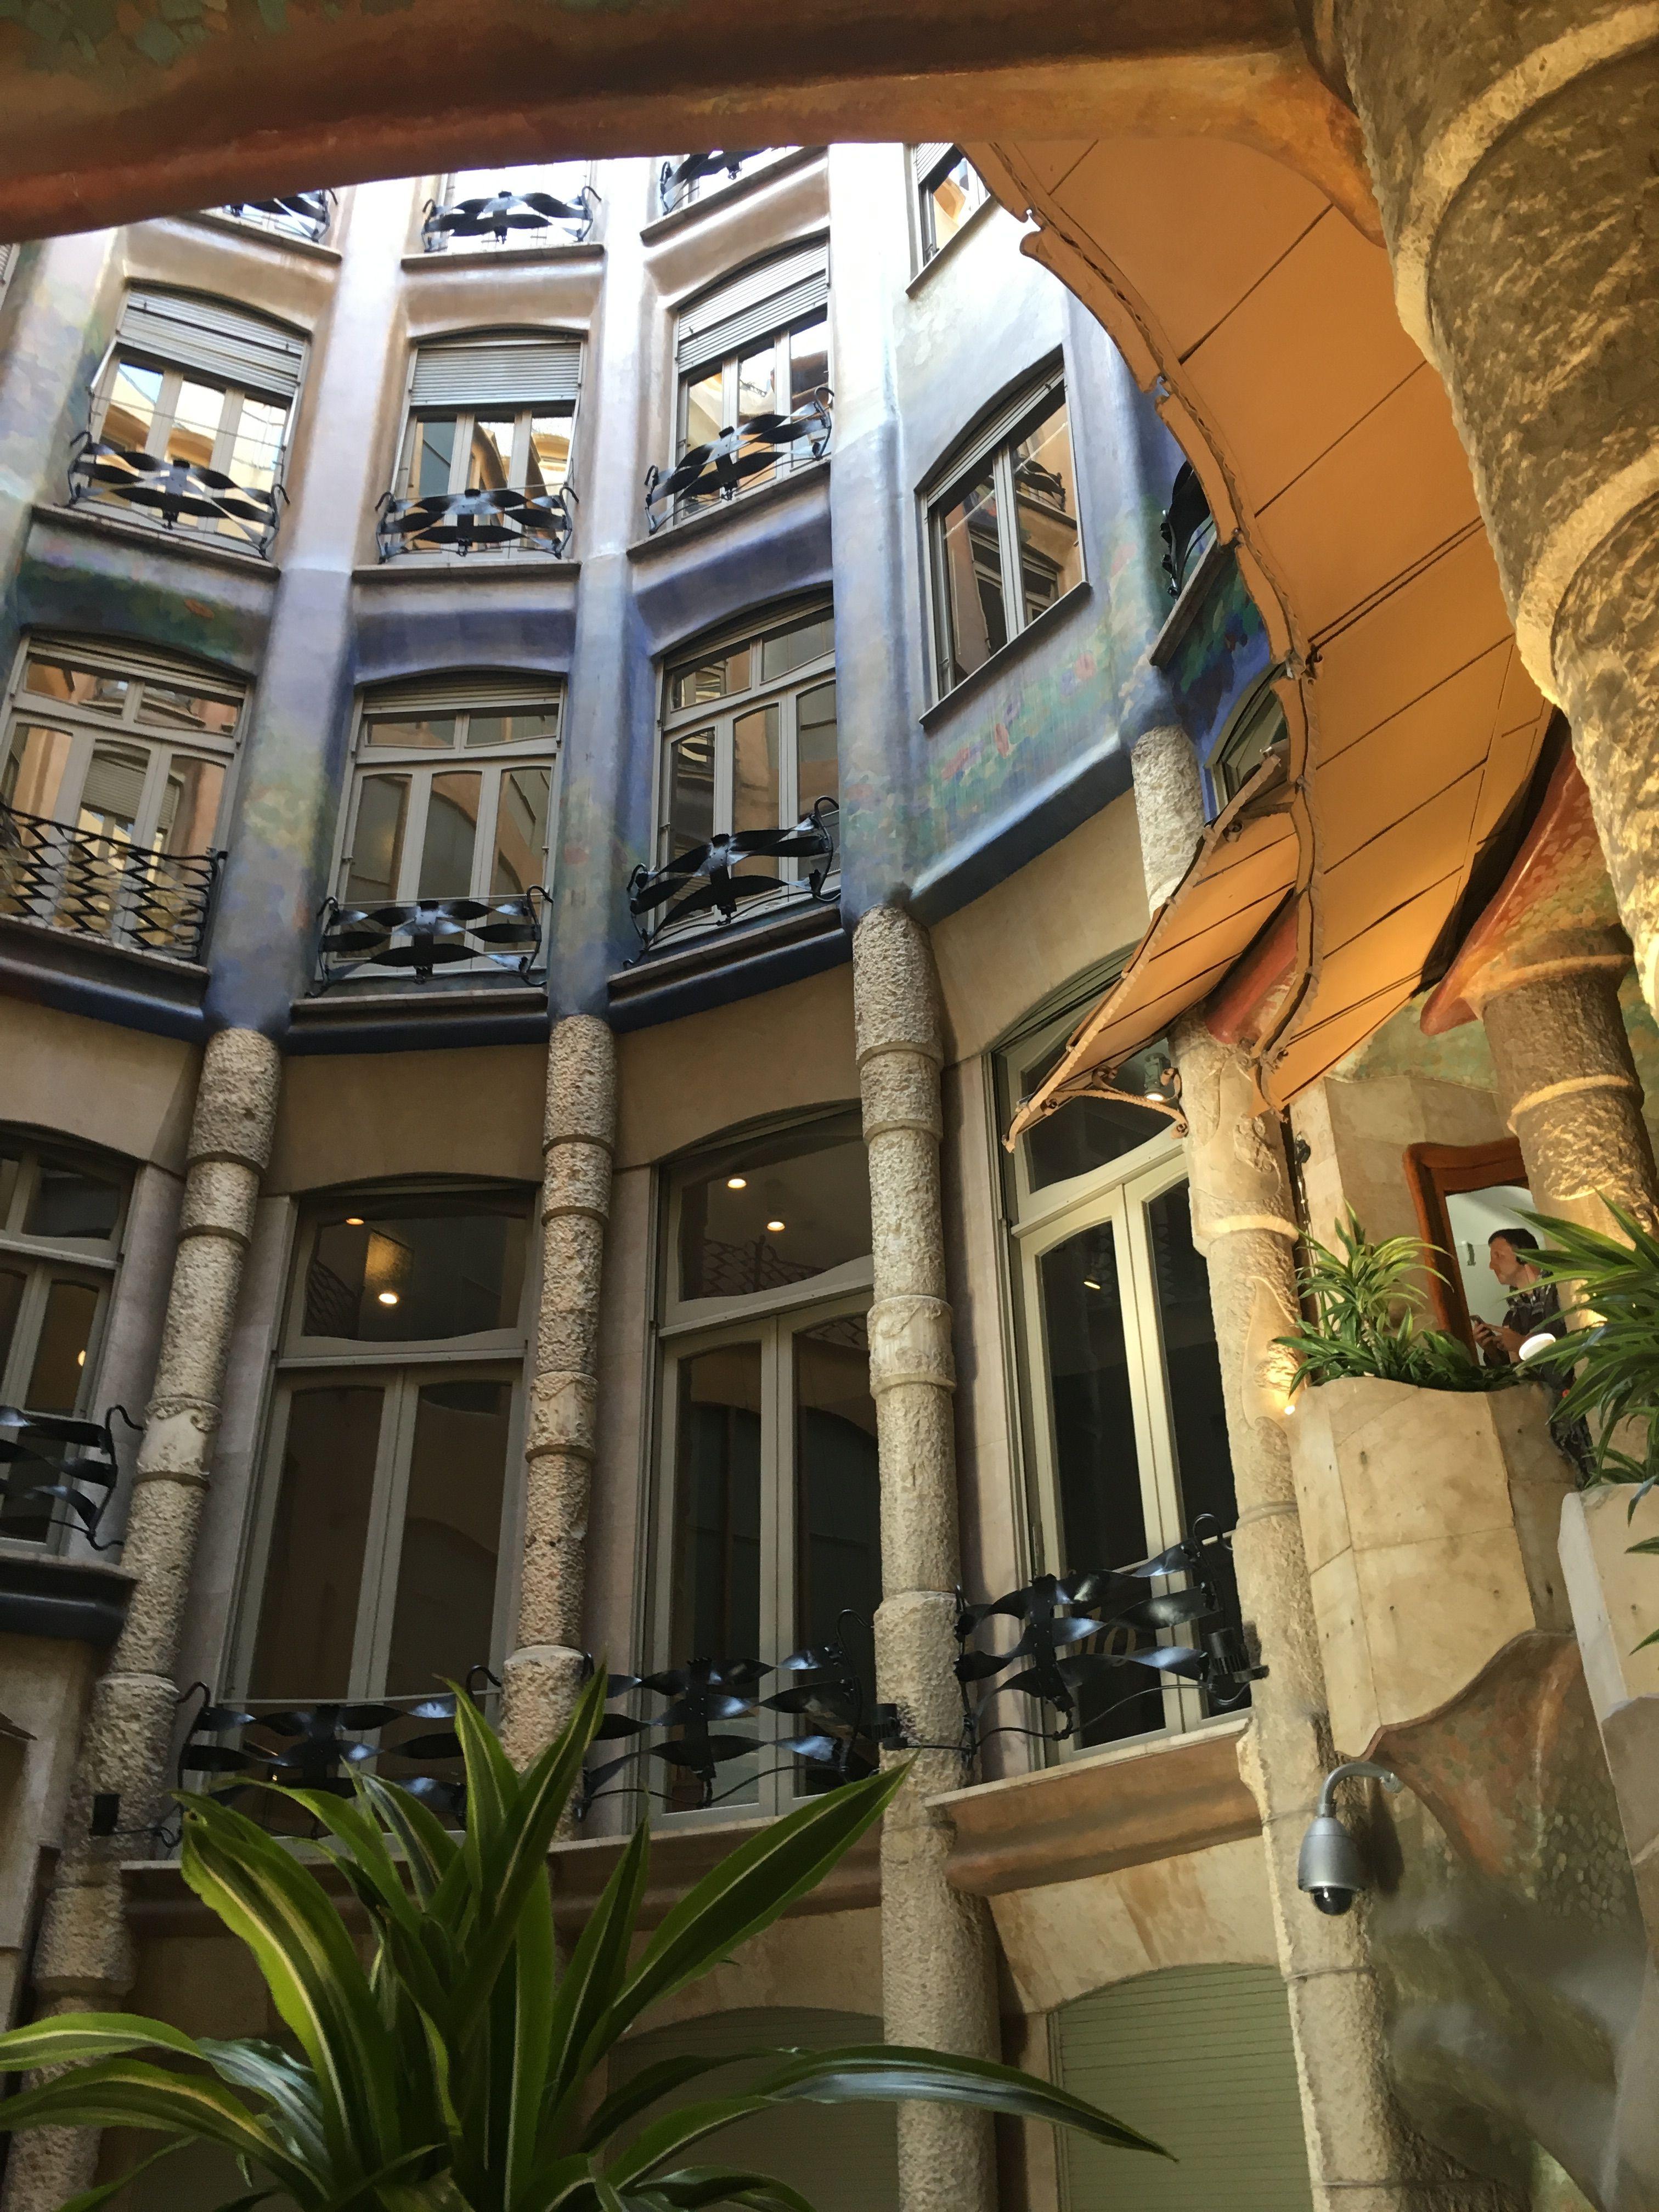 Casa Milà (La Pedrera) última obra civil del artista antes de la Sagrada Familia. Lo más increible de este edificio es su imponente fachada (192 ventanas) con barandillas de forja todas distintas y su azotea con sus interesante y famosas chimeneas. La superfie cuadriplicaba la de la casa Batlló. El mote de La Pedrera, lo recibe por su fachada de piedra.